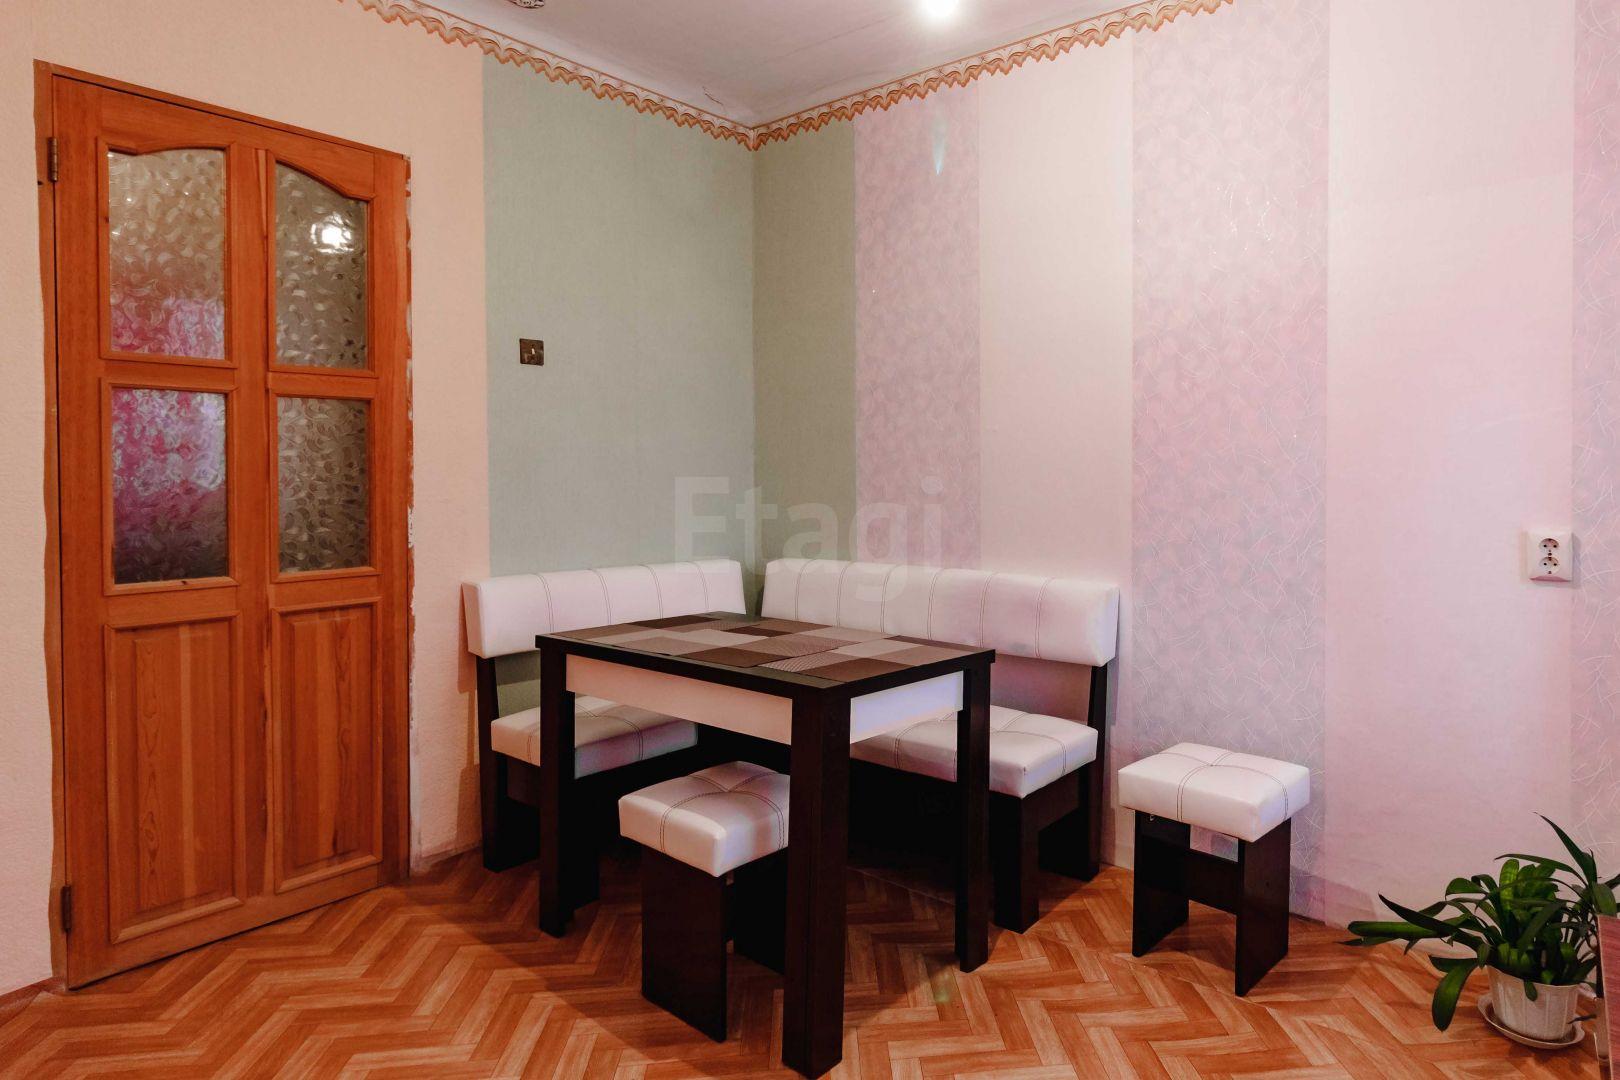 Продается четырехкомнатная квартира за 2 500 000 рублей. Ленинский, ул. Копылова пр-т, д. 32 к2 (5.1 км до центра).